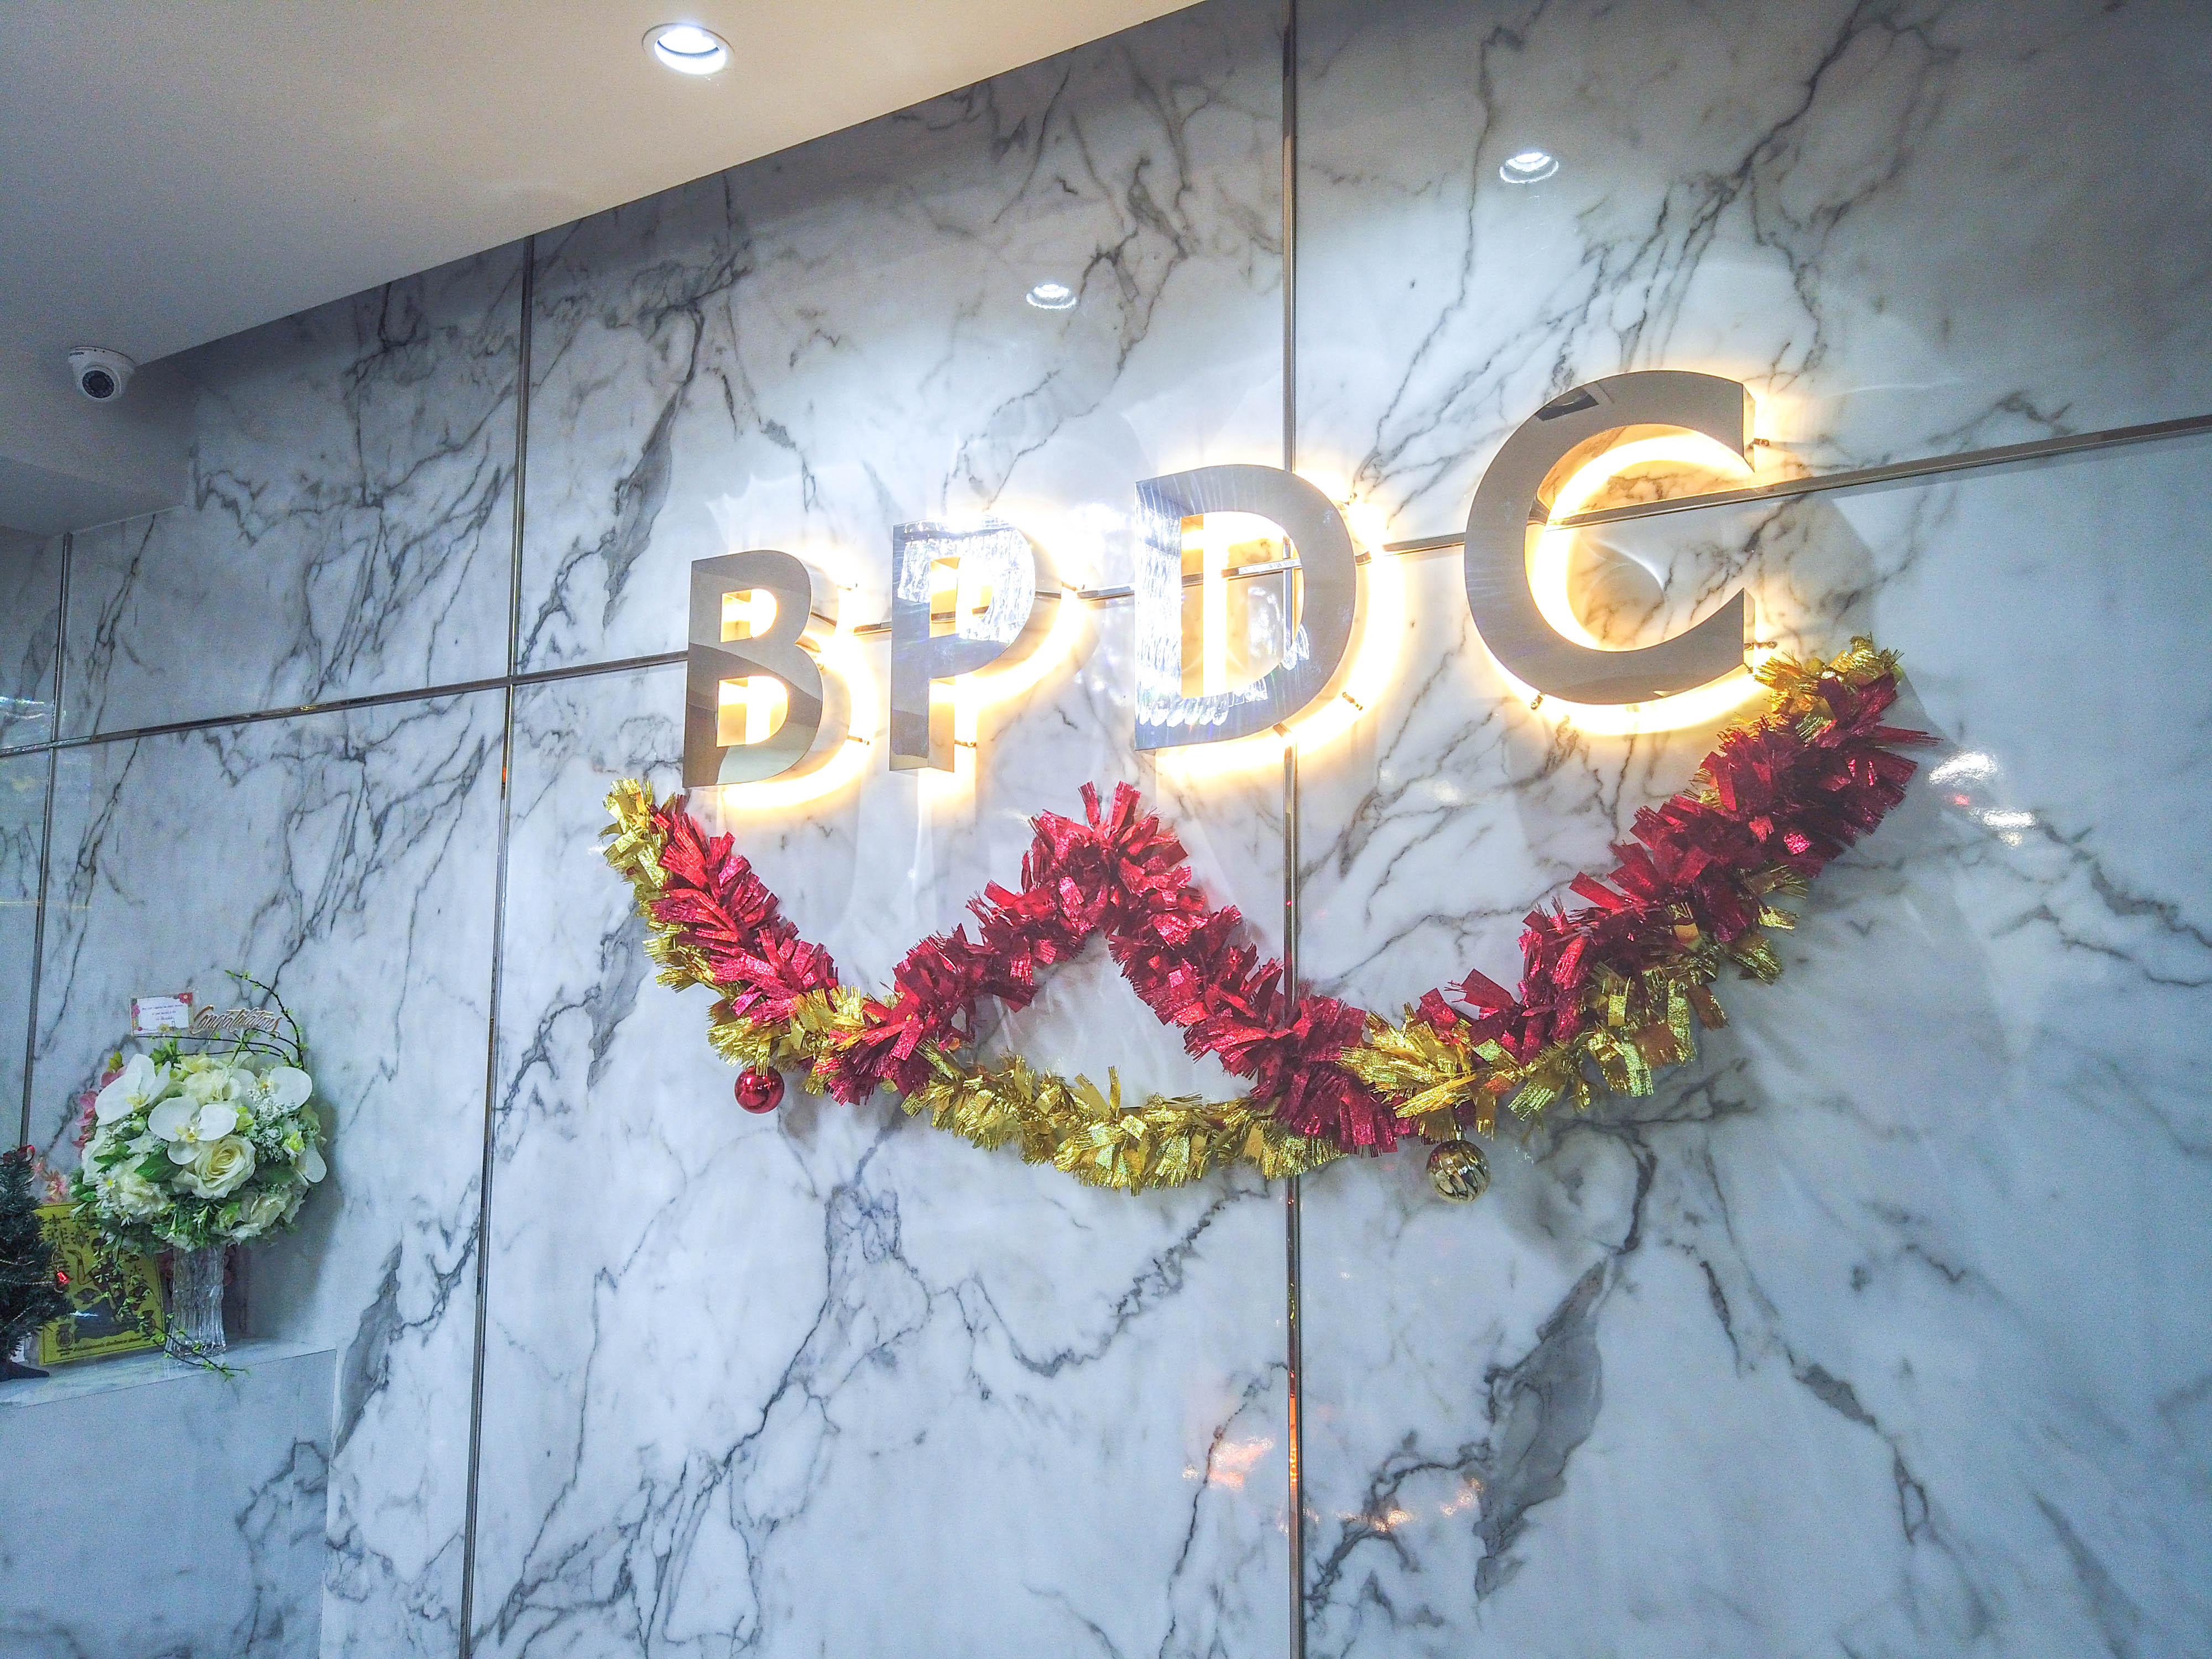 คลินิกทันตกรรมบางพลี BPDC